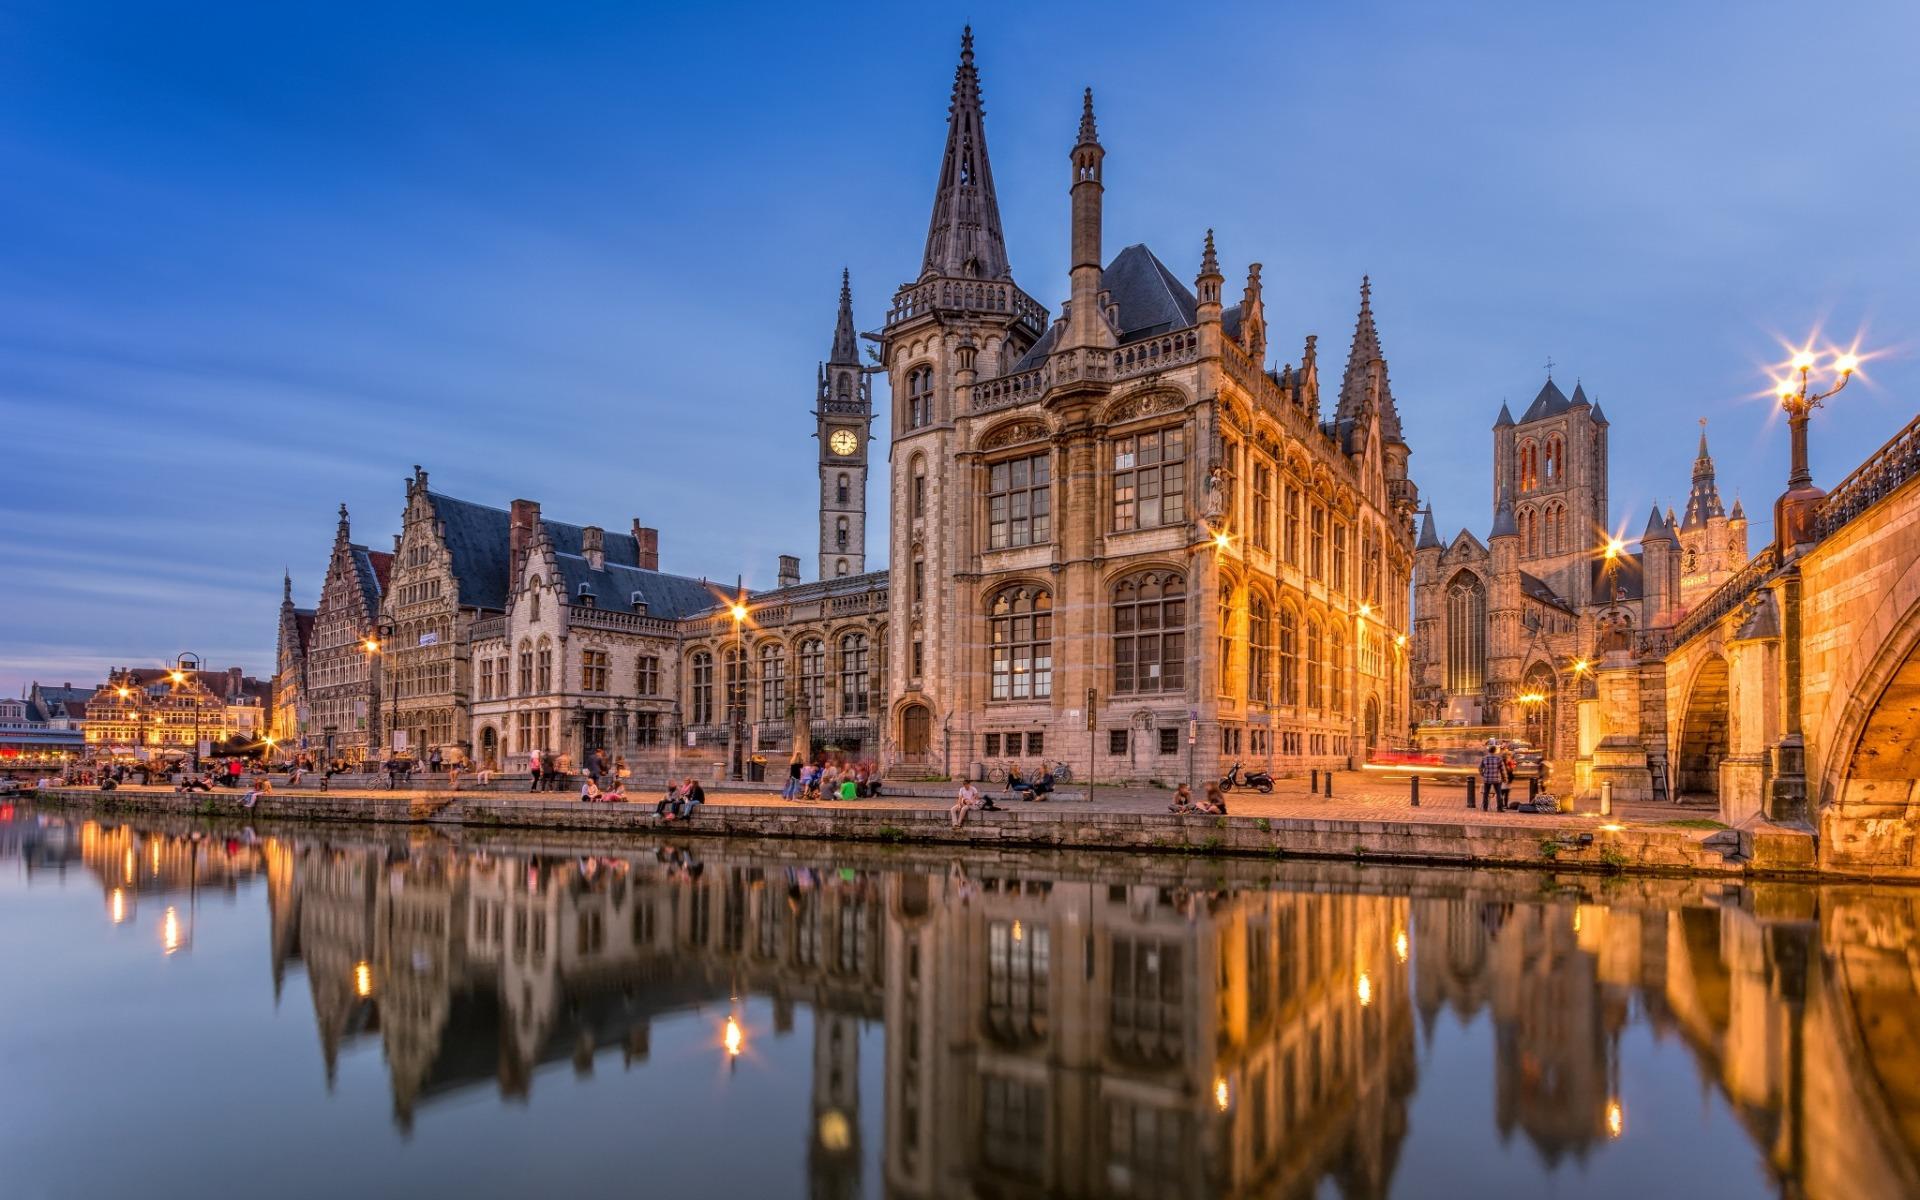 Ghent University — Университет Гента (Гентский университет) (Гент, Бельгия)  - поступить, цены, отзывы   Smapse